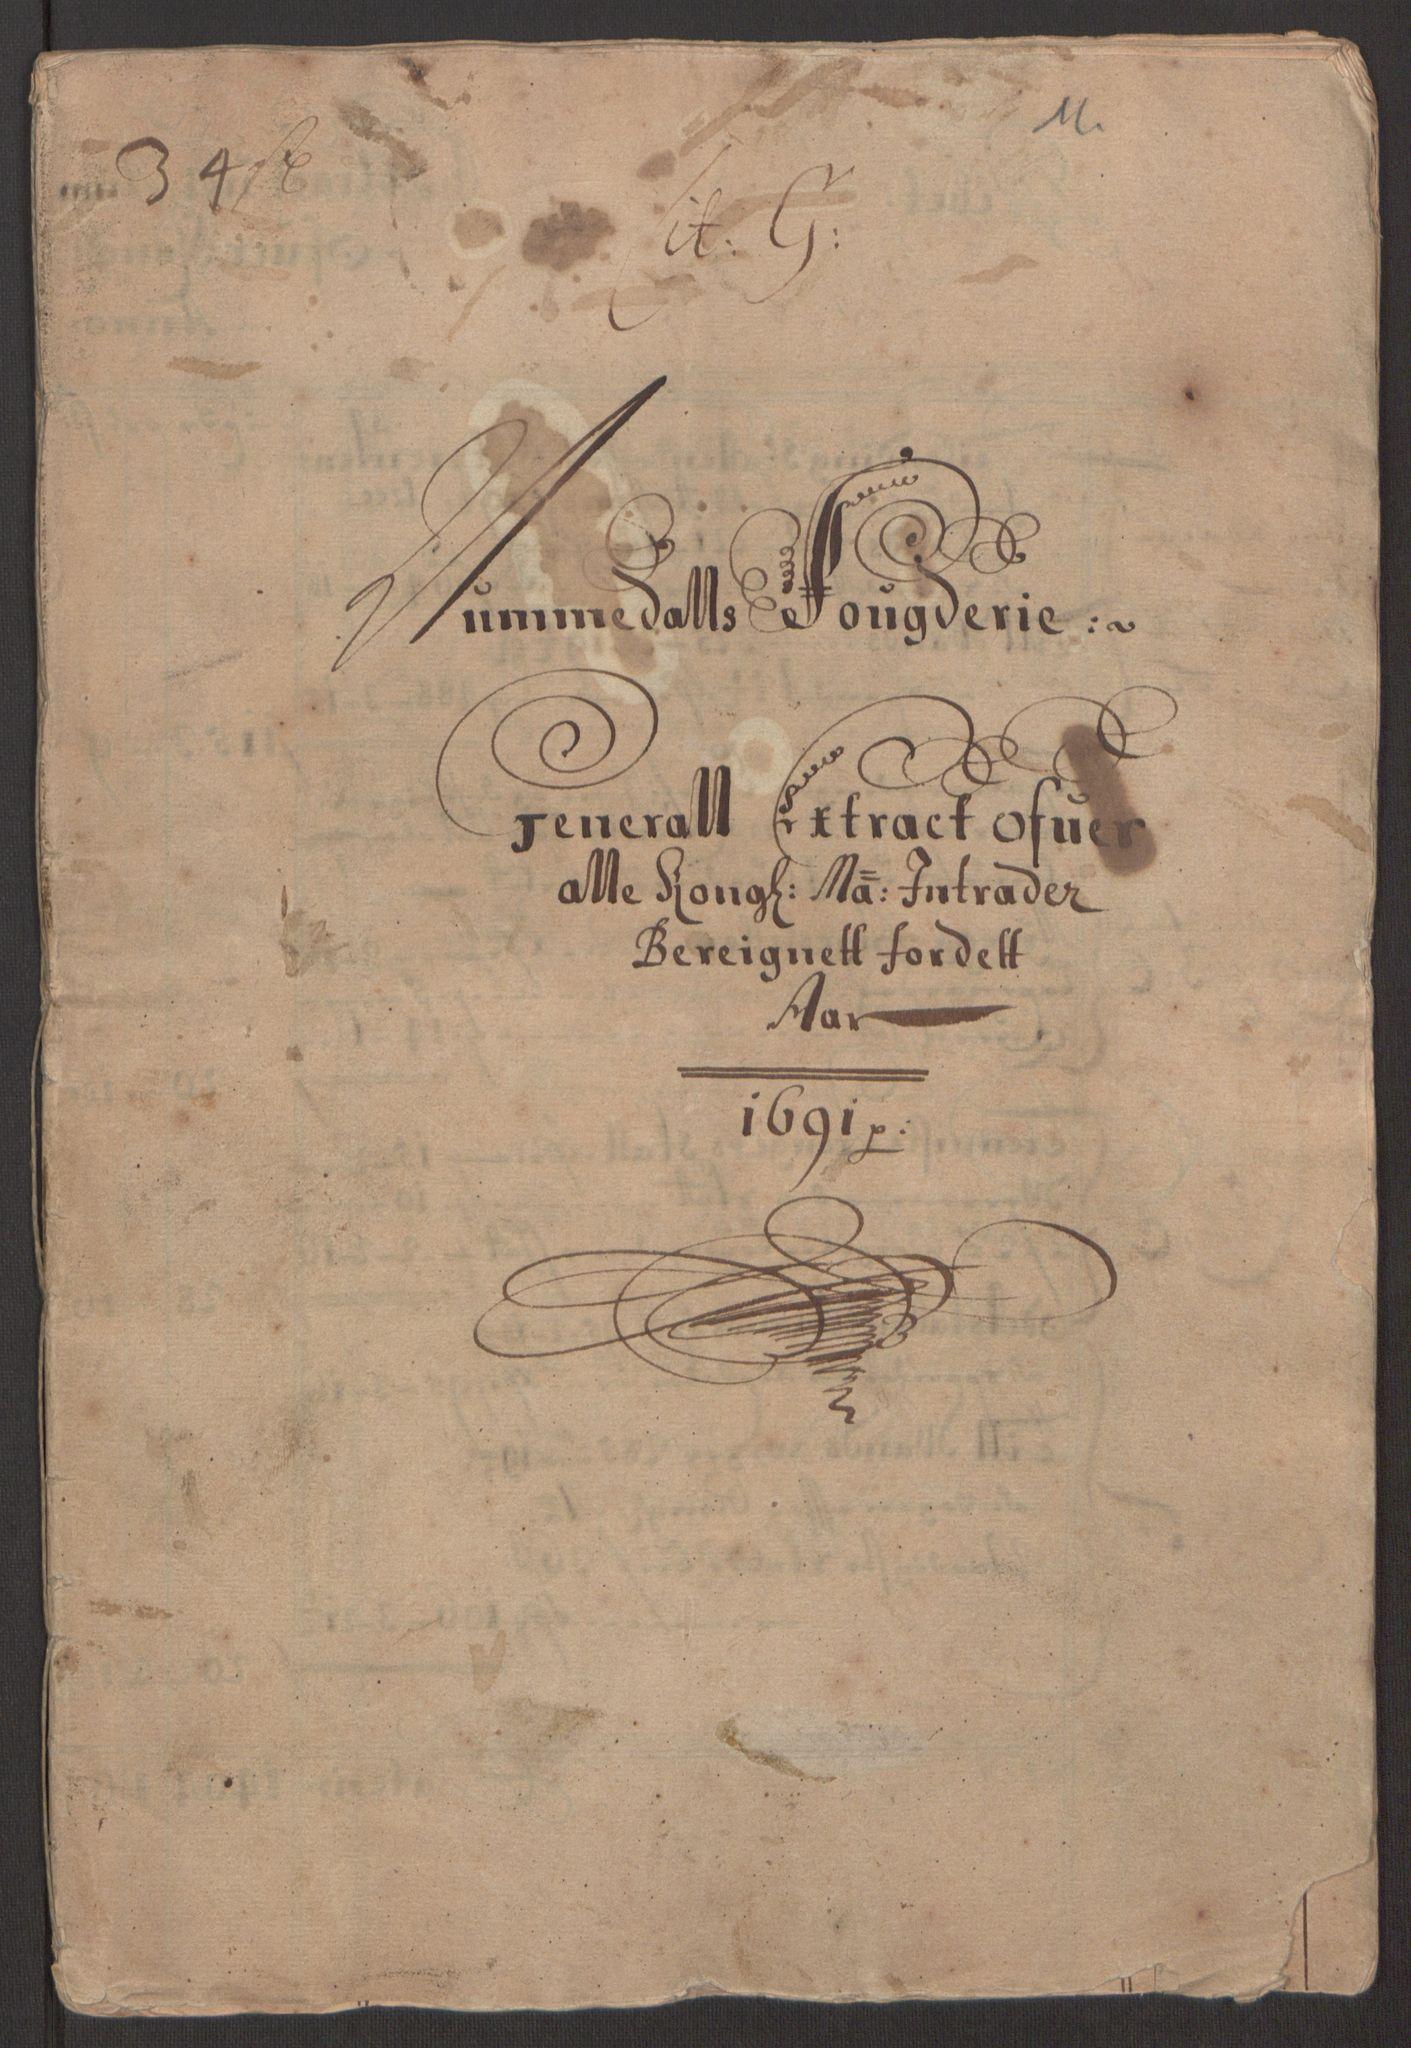 RA, Rentekammeret inntil 1814, Reviderte regnskaper, Fogderegnskap, R64/L4423: Fogderegnskap Namdal, 1690-1691, s. 130